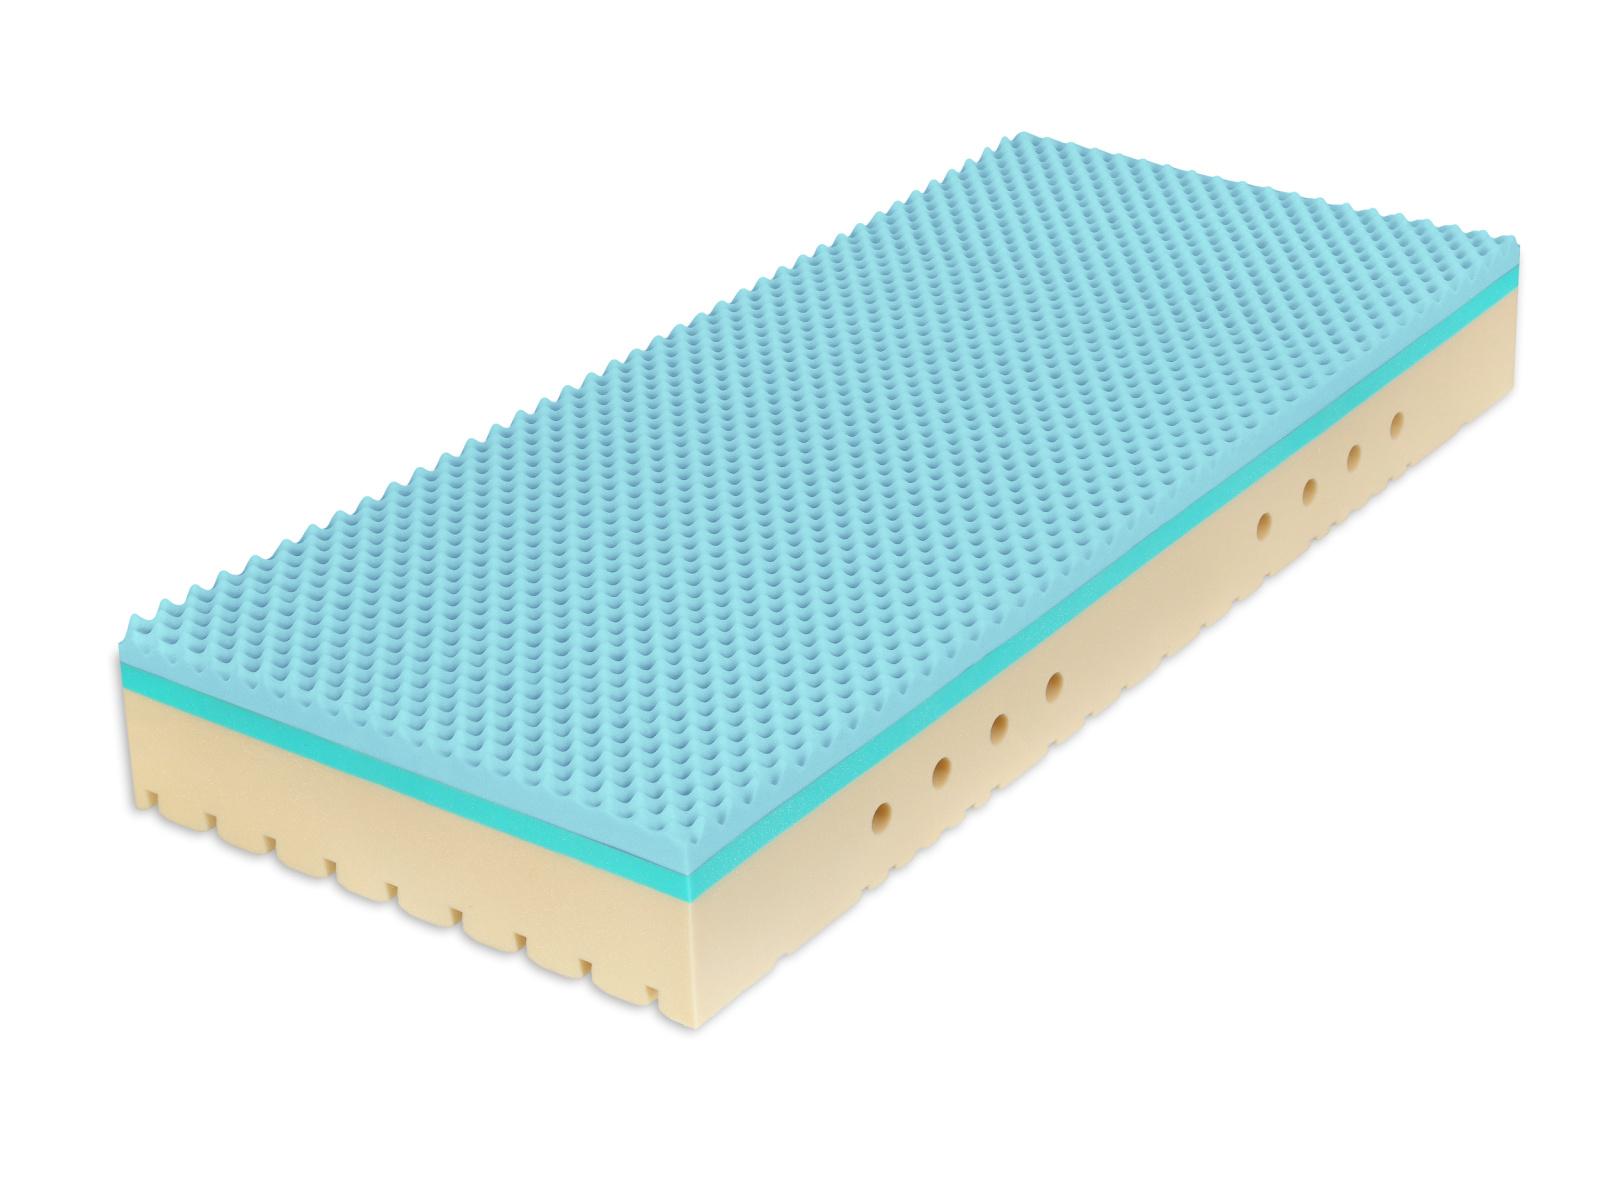 Matrace SUPER FOX BLUE Wellness 90x200x20 cm, 1+1 ZDARMA